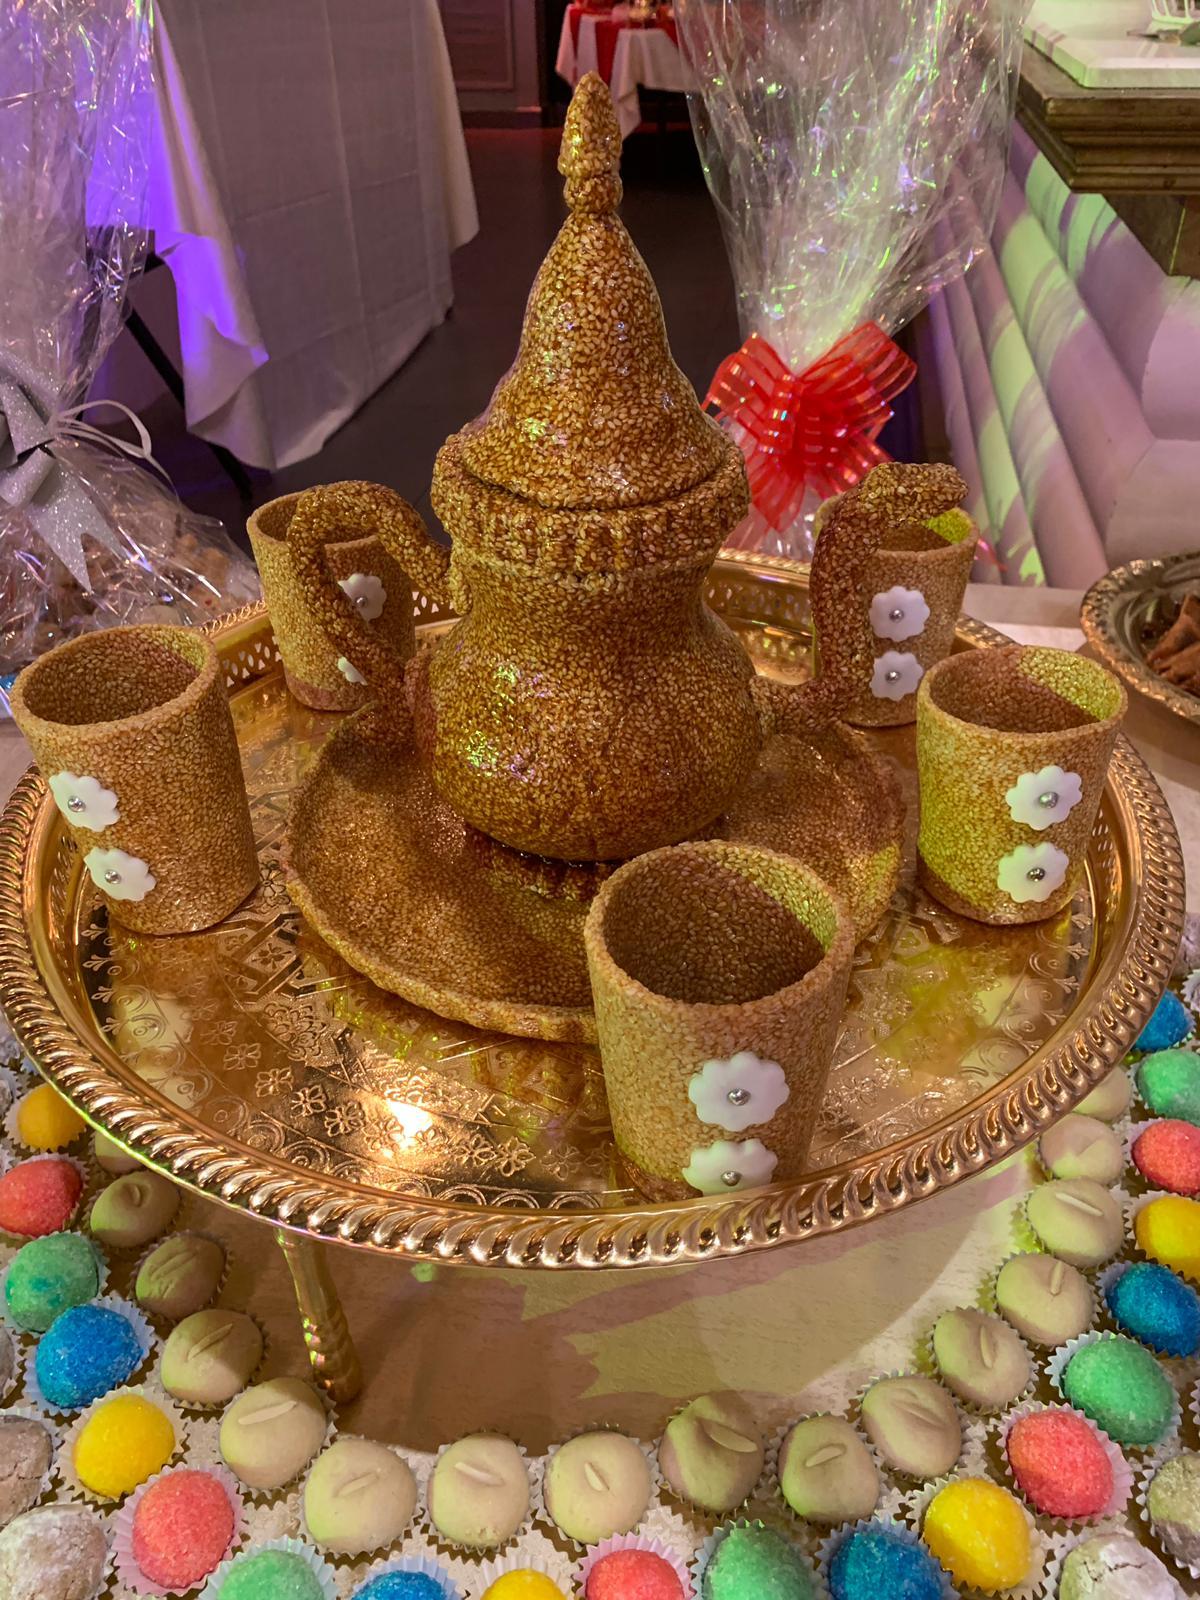 פיסול קנקן וכוסות תה בשומשום